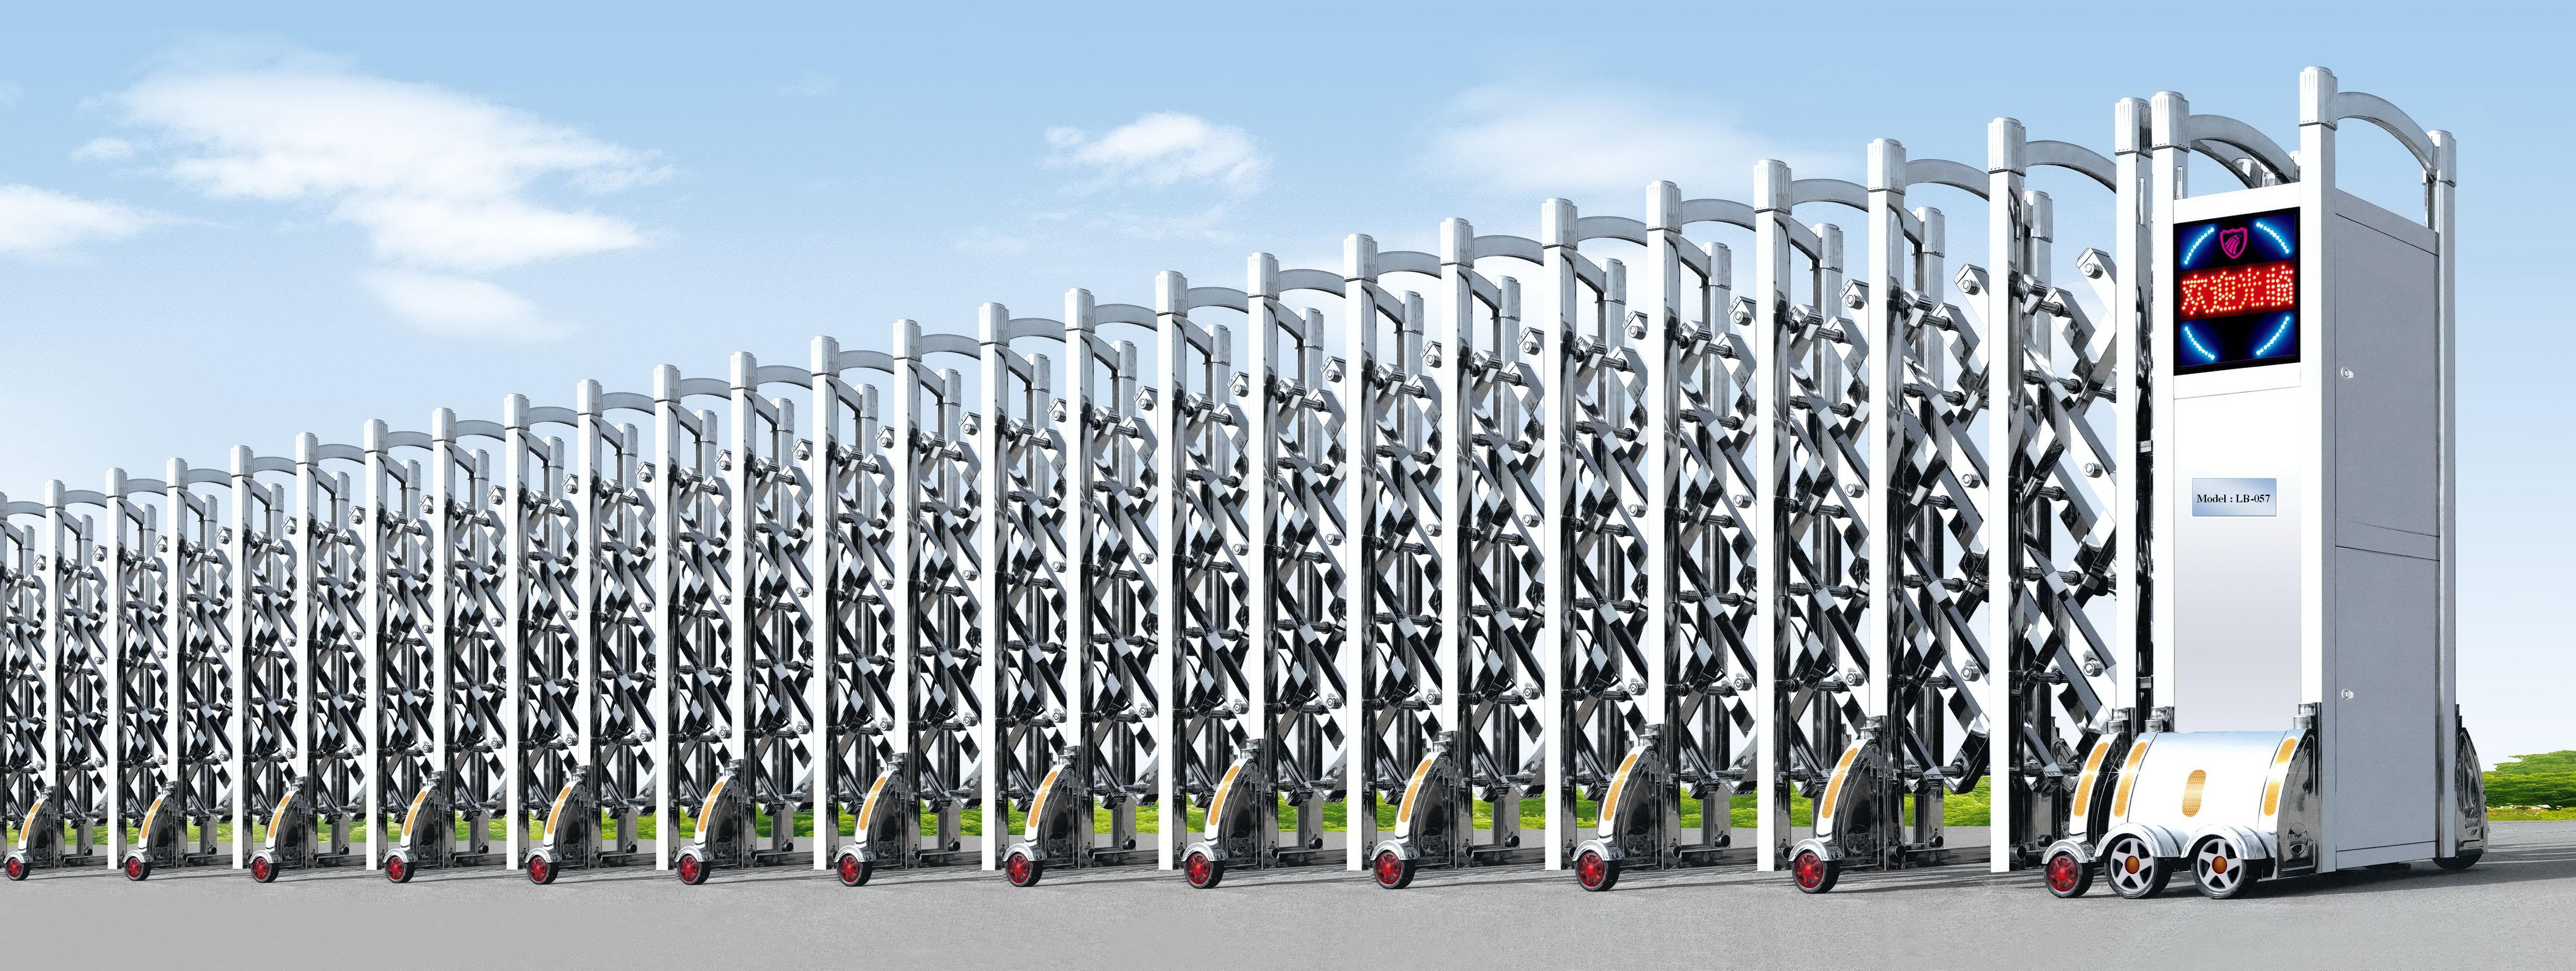 Cổng xếp inox, cổng xếp nhôm- Chất lượng là tất cả - 0913183440.Ms.Lan